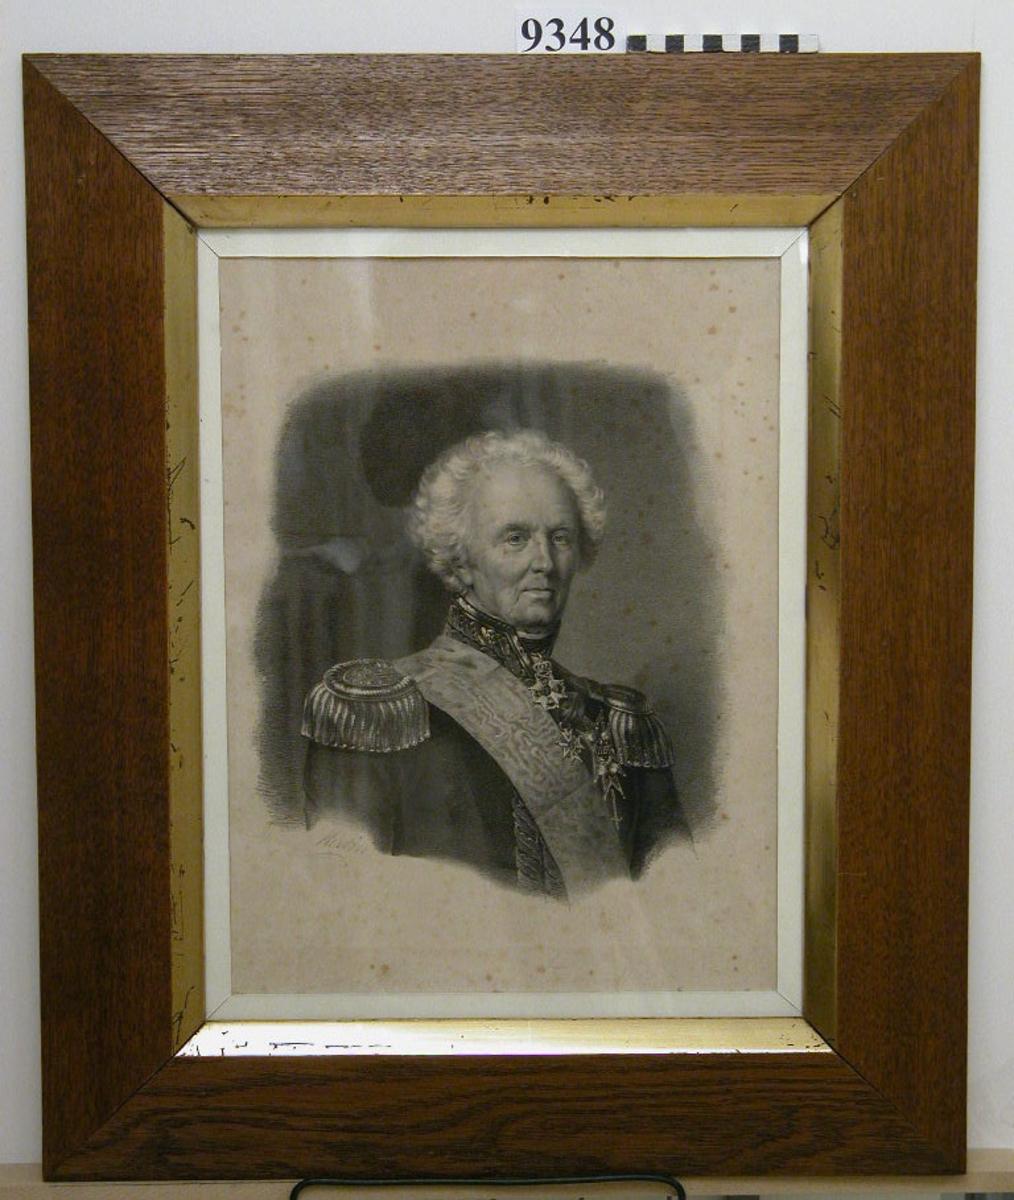 Fotografi inom glas och ram, trä, gulbrun, polerad, med innerkanten förgylld. Visar amiral i uniform. (okänd). Neg.nr A 762 2:3